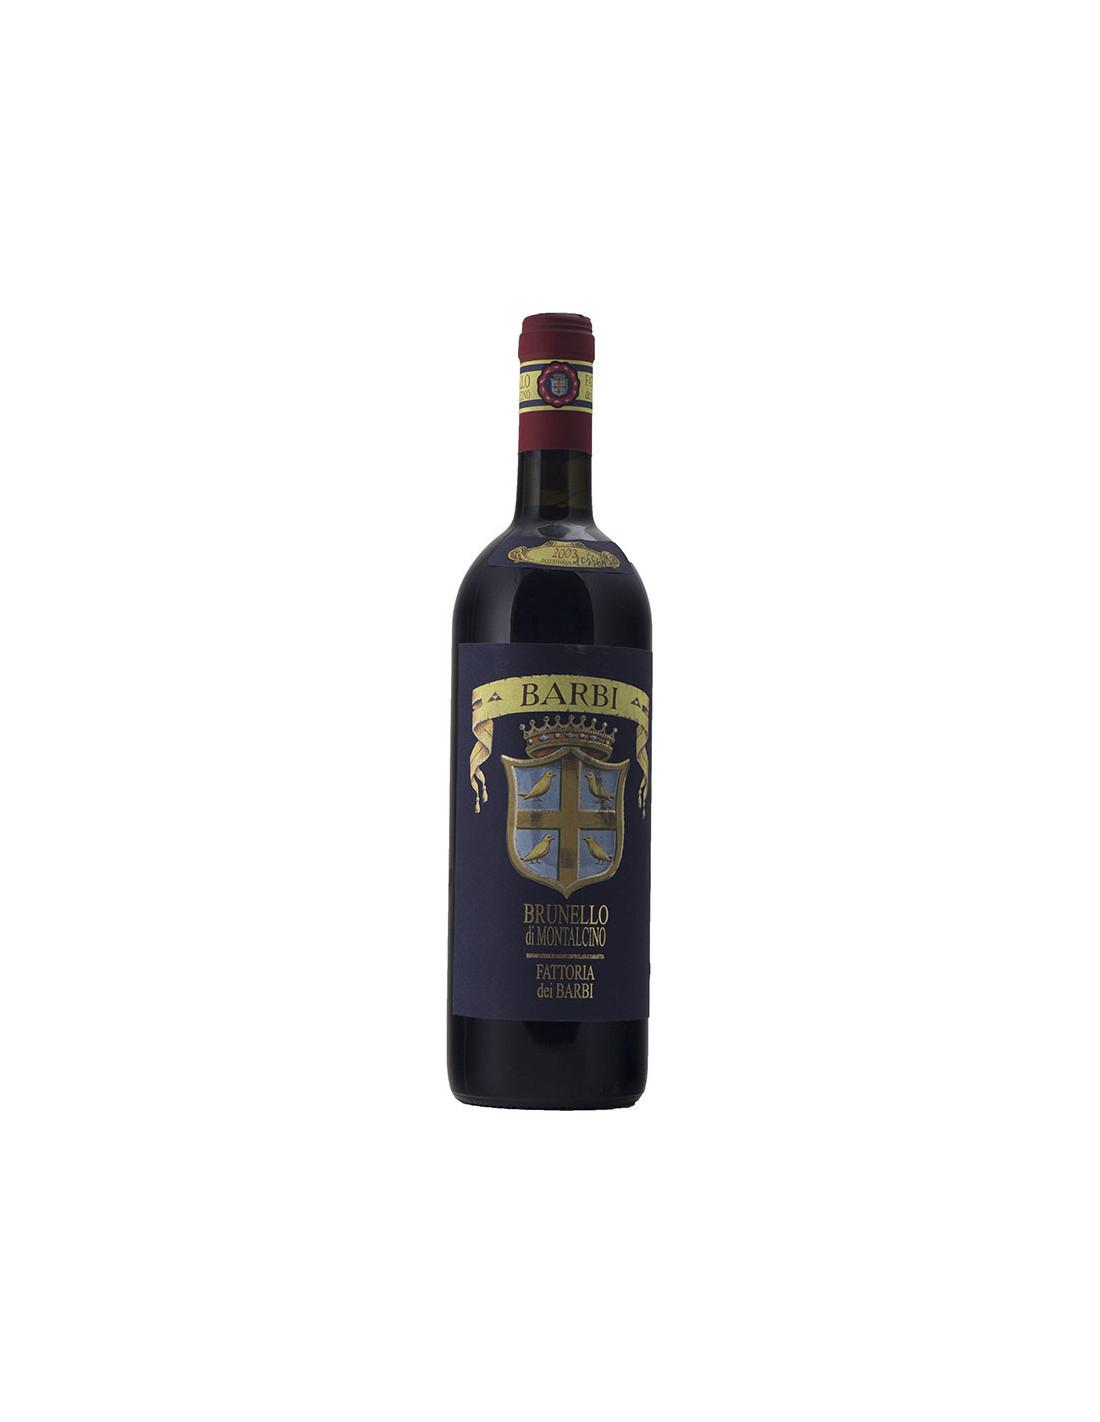 Fattoria dei Barbi Brunello di Montalcino 2003 Grandi Bottiglie